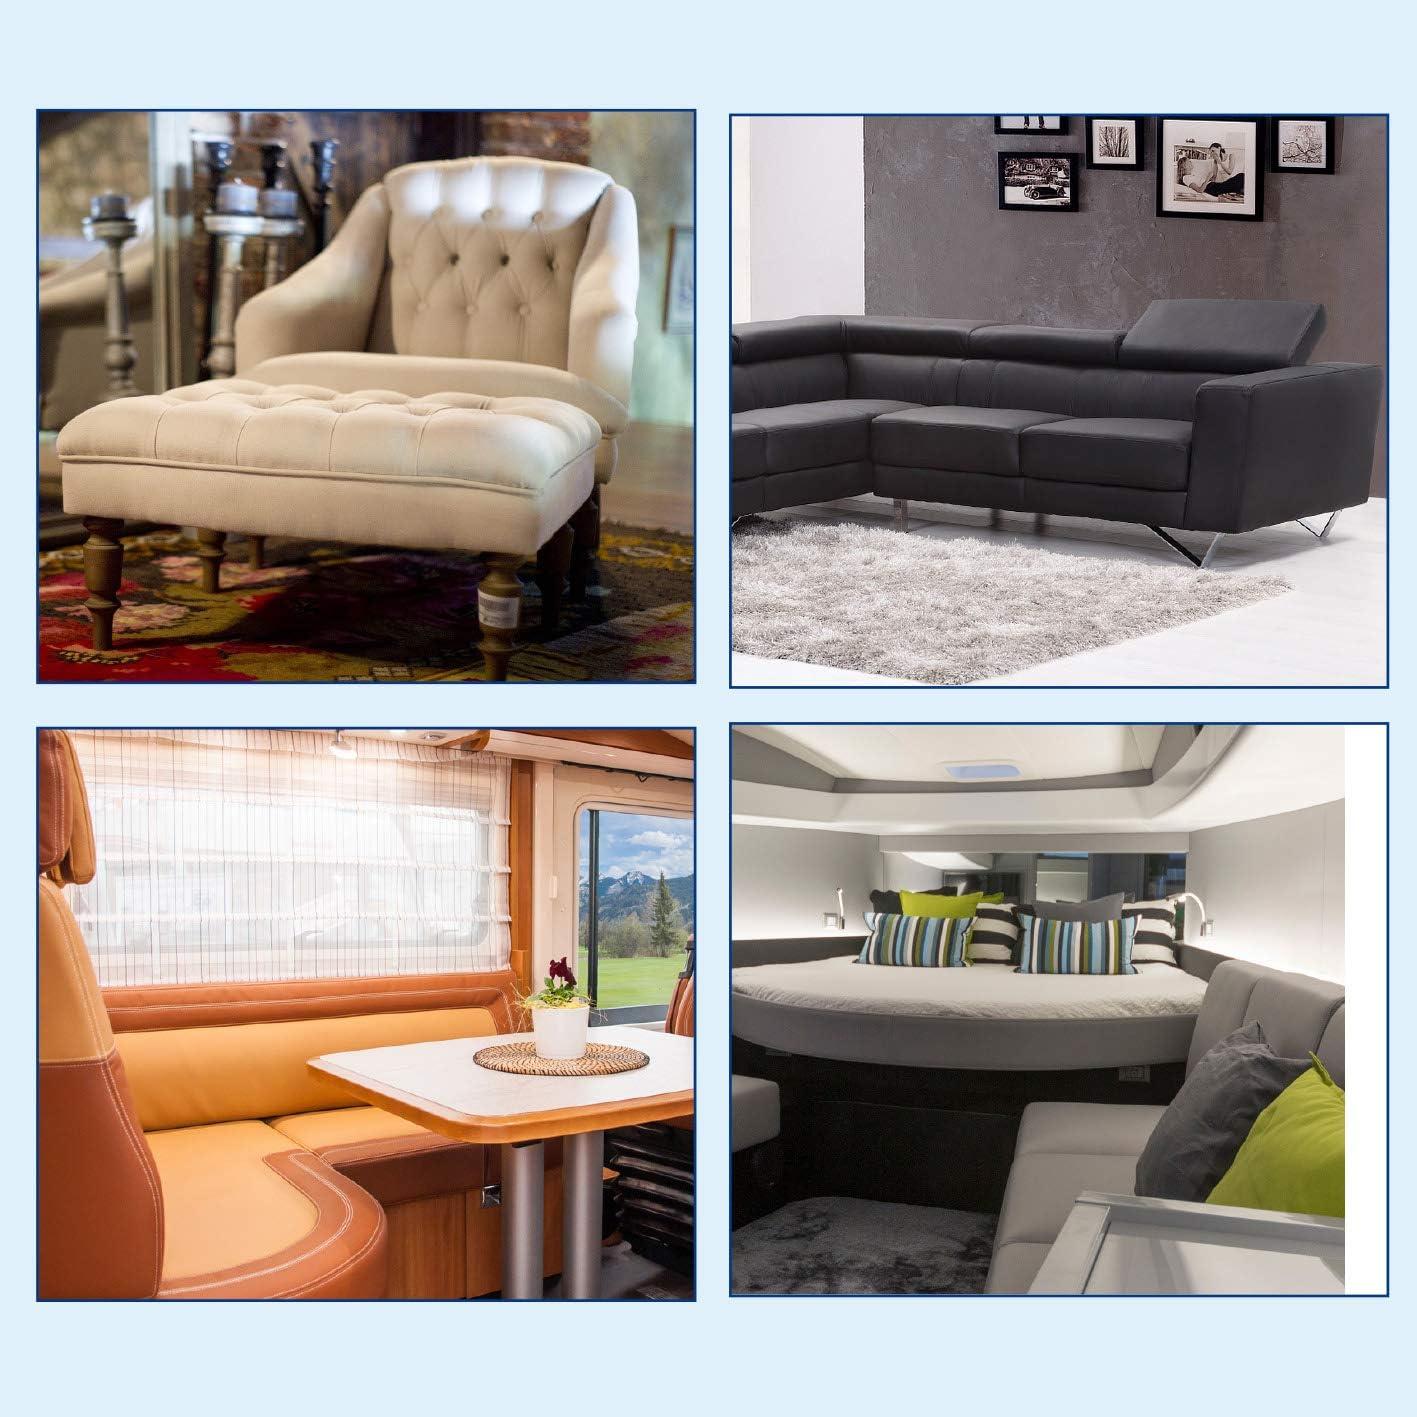 1 2 3 Repair Polster Reparaturset Brandloch Entfernen Couch Reparieren Polstermöbel Retten 13tlg Reparaturset Küche Haushalt